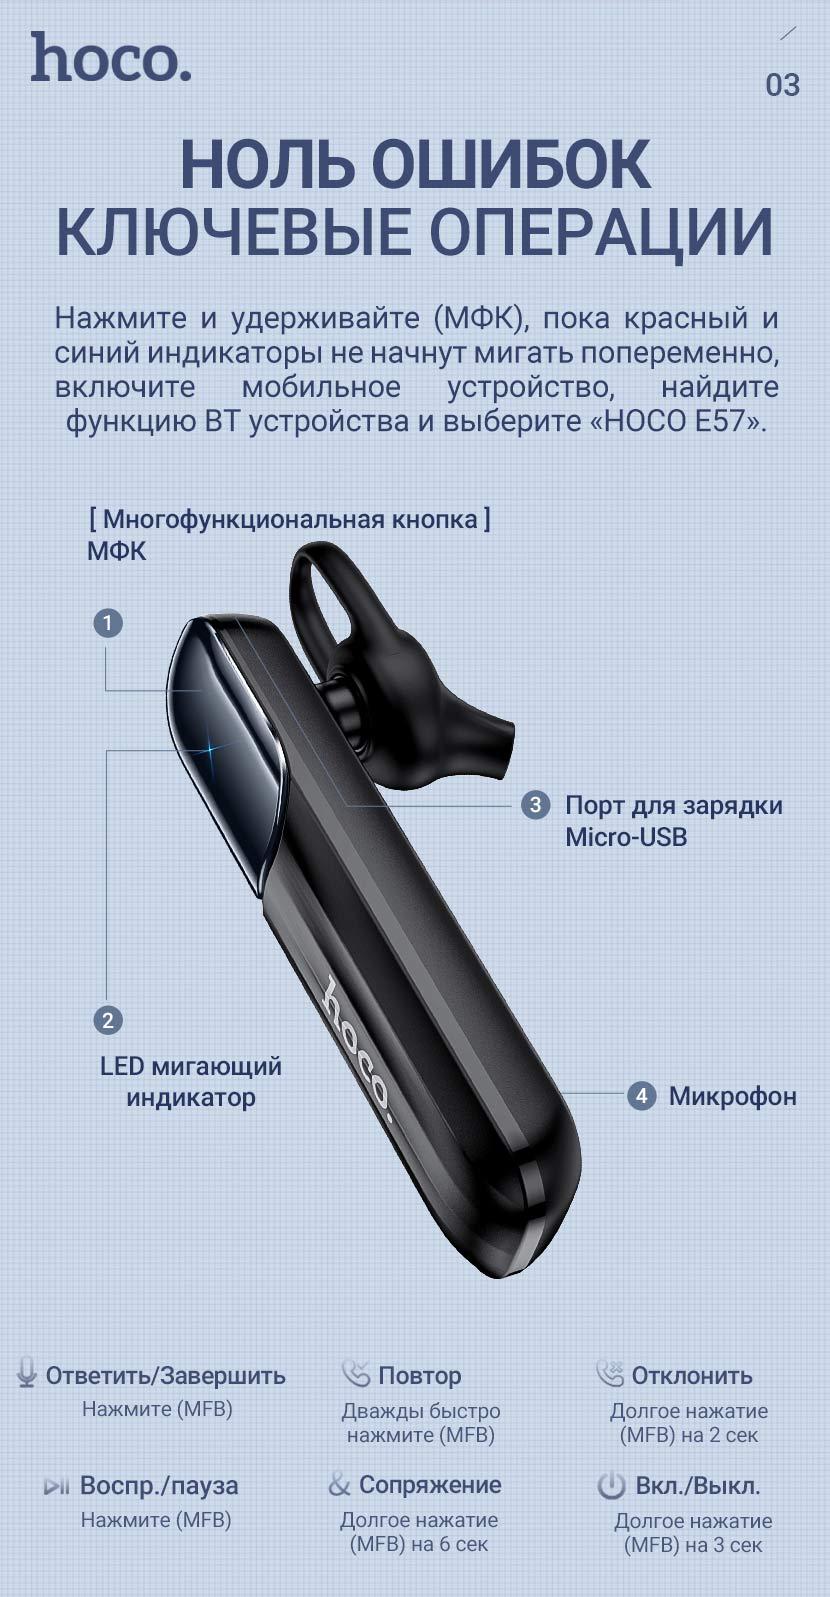 hoco news e57 essential business bt headset operation ru